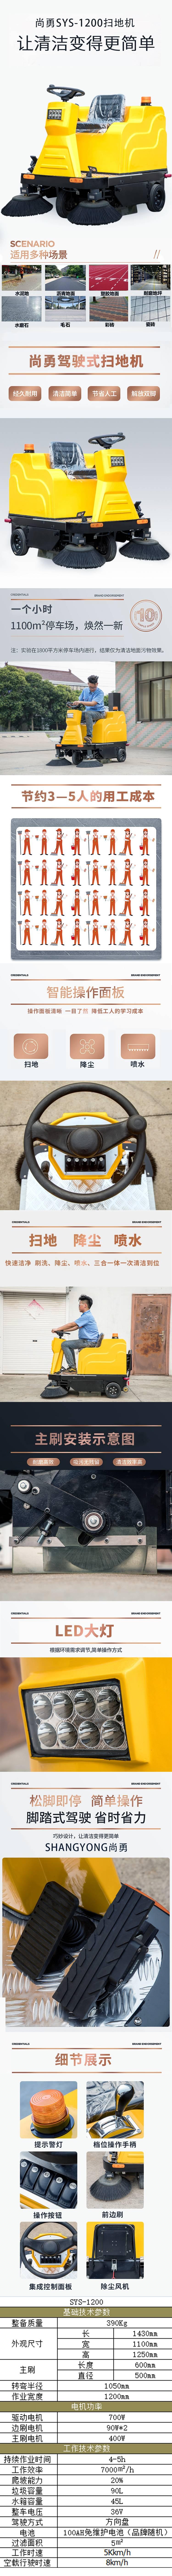 尚勇SYS-1200驾驶式扫地机